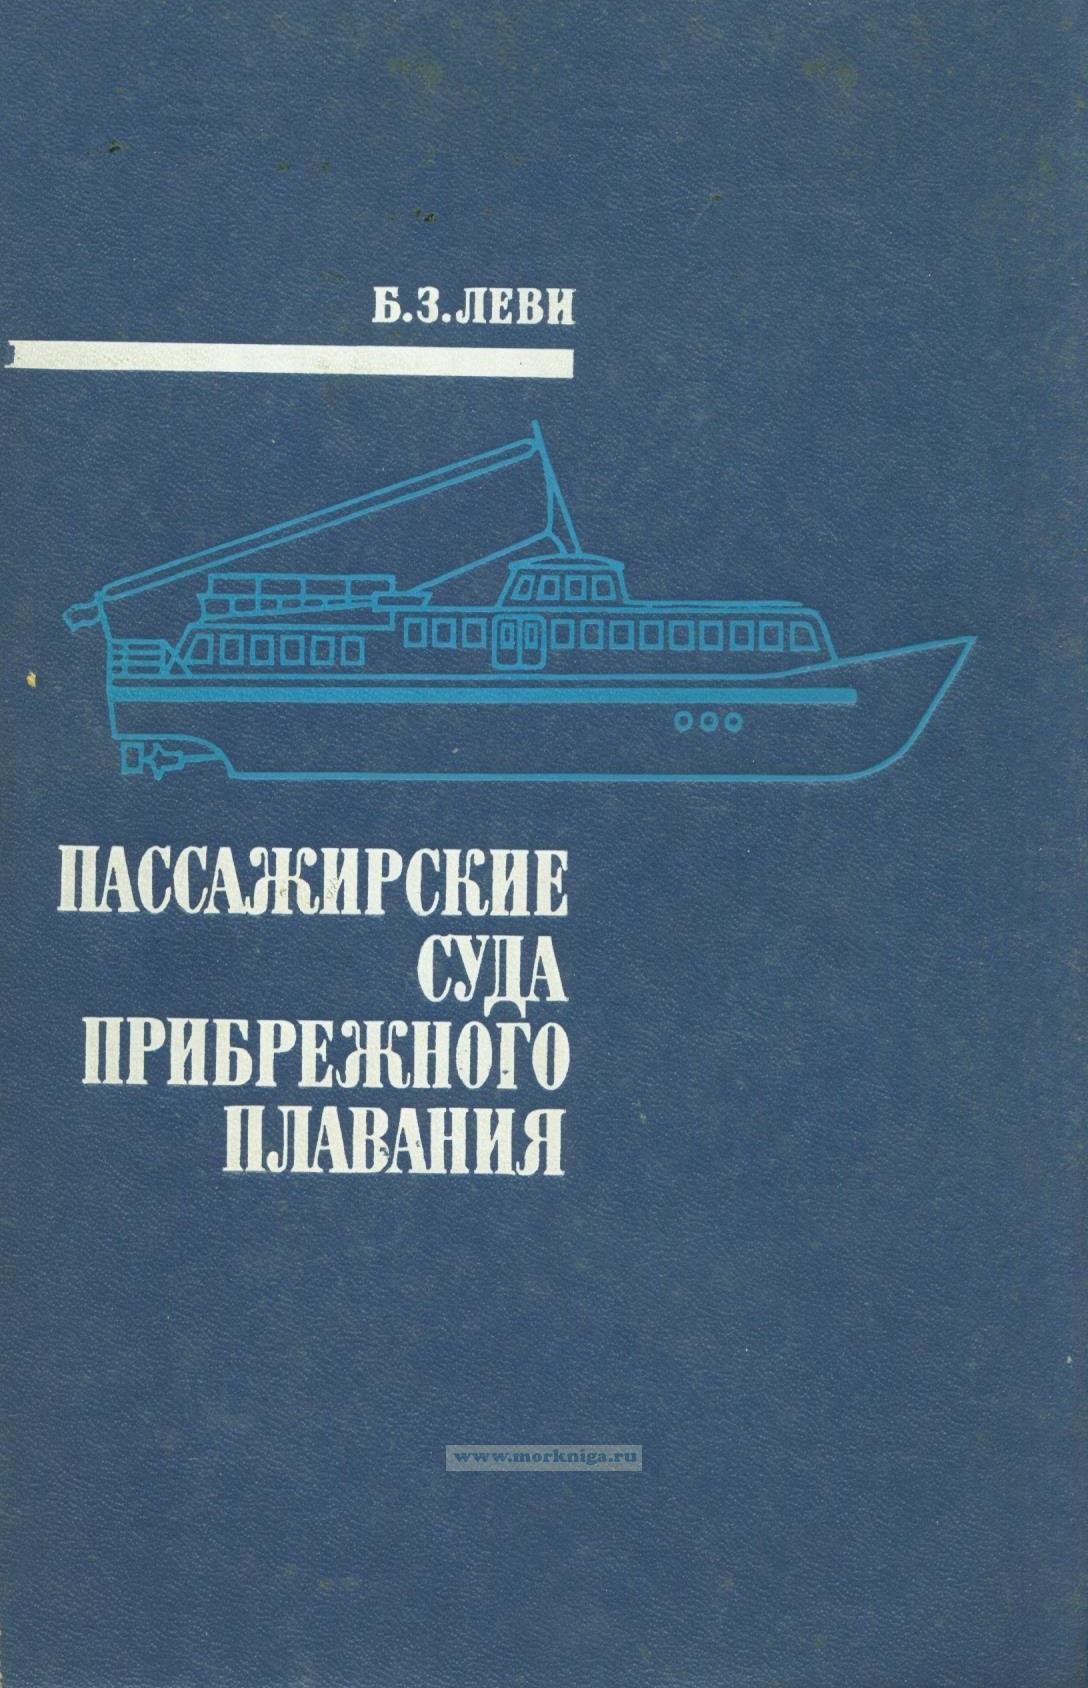 Пассажирские суда прибрежного плавания